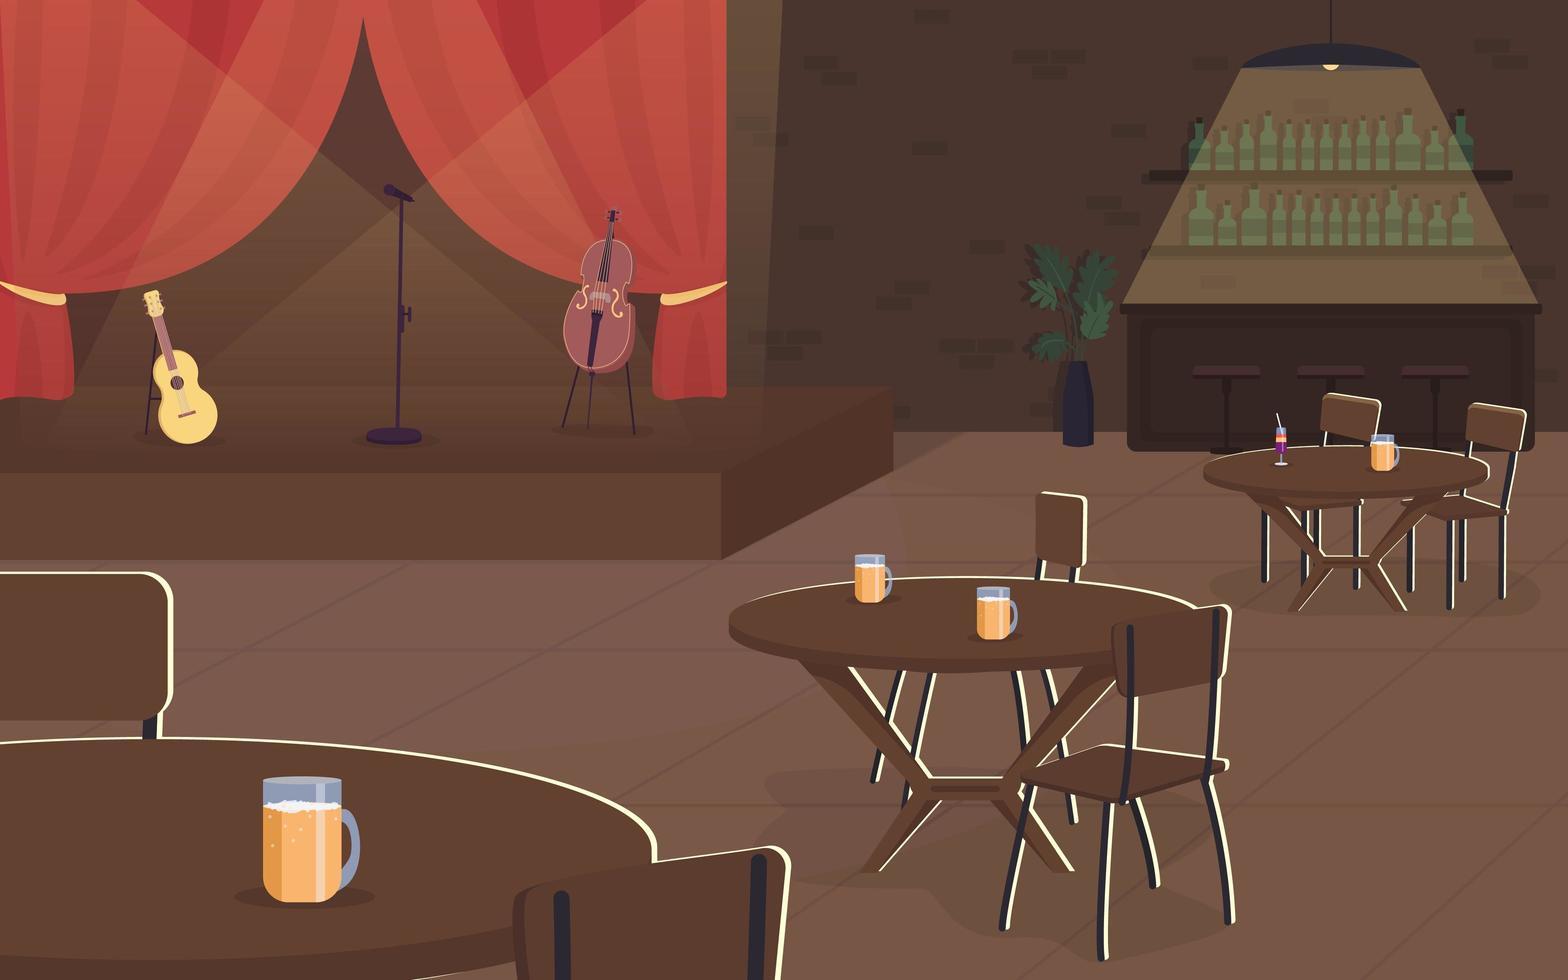 muziekconcert in pub vector